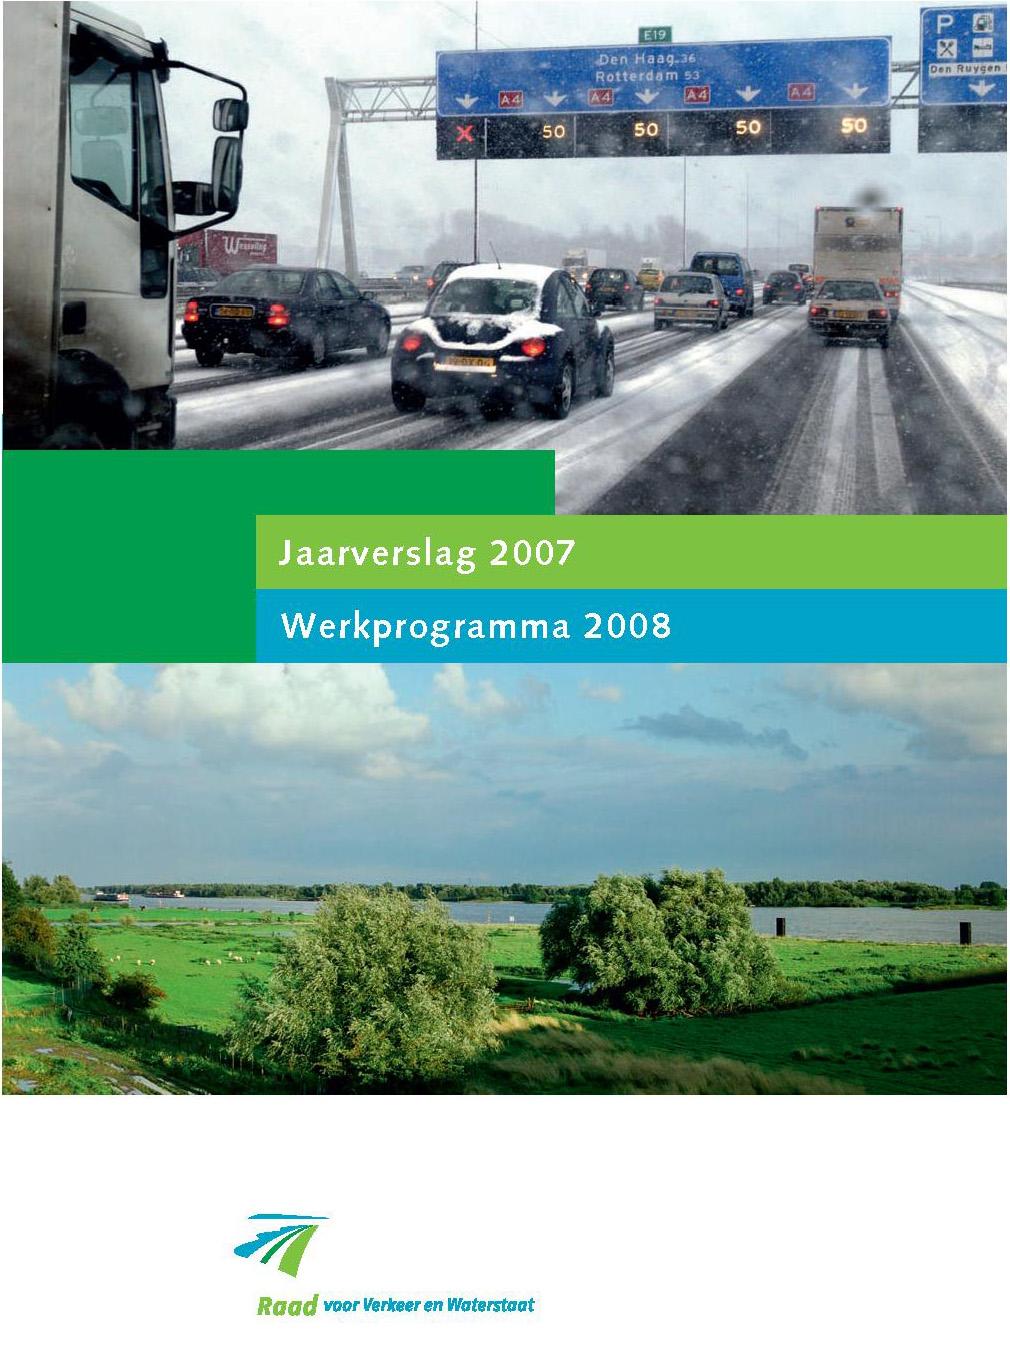 Omslagfoto jaarverslag 2007 Raad Verkeer en Waterstaat